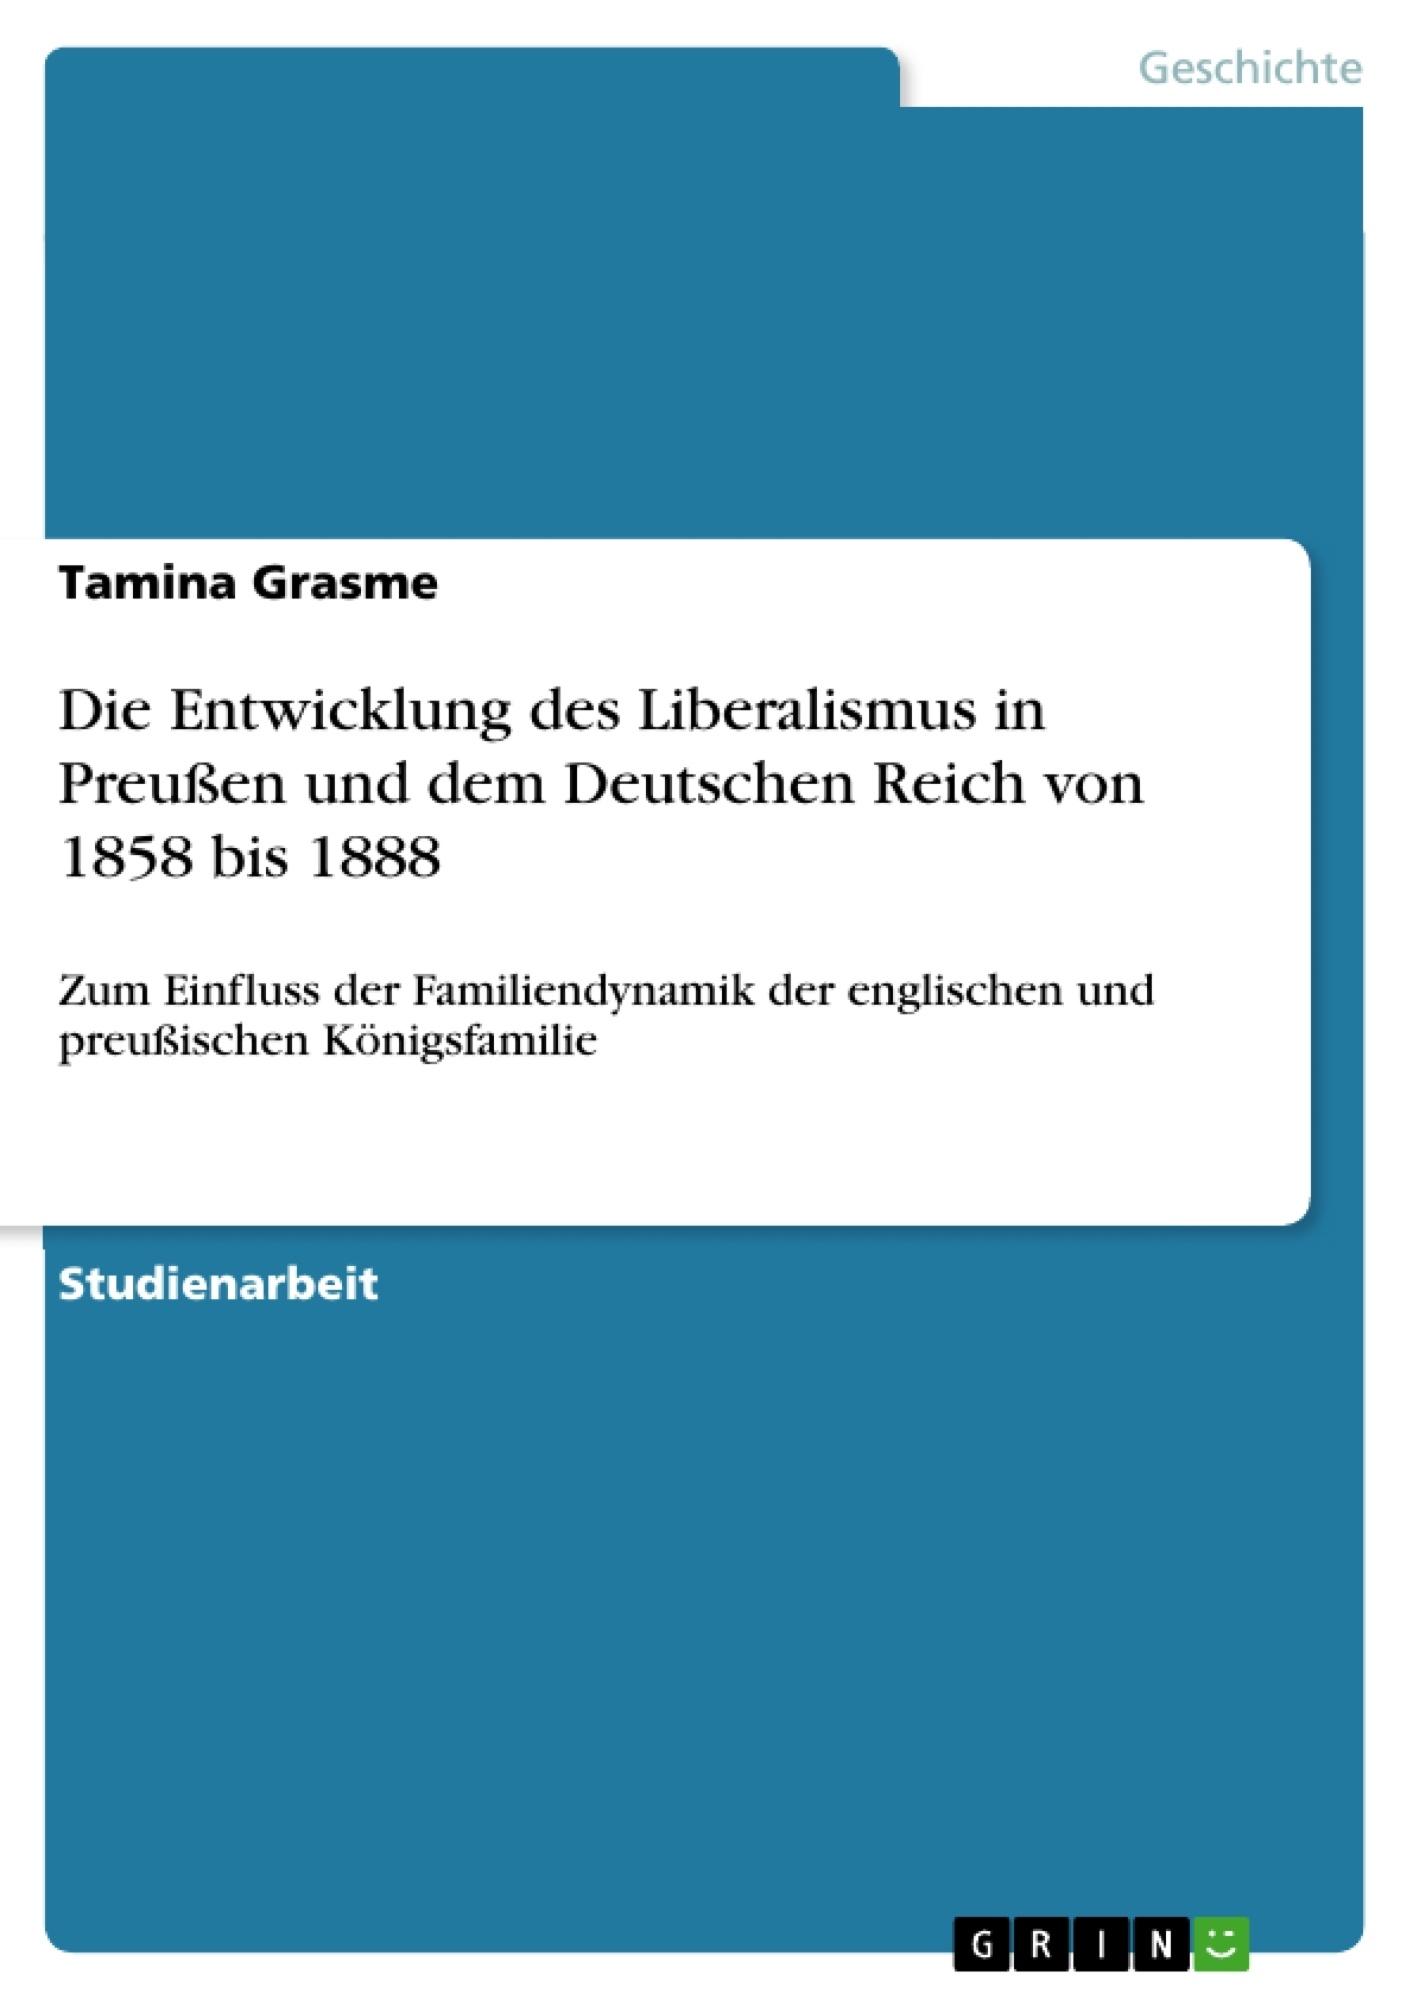 Titel: Die Entwicklung des Liberalismus in Preußen und dem Deutschen Reich von 1858 bis 1888